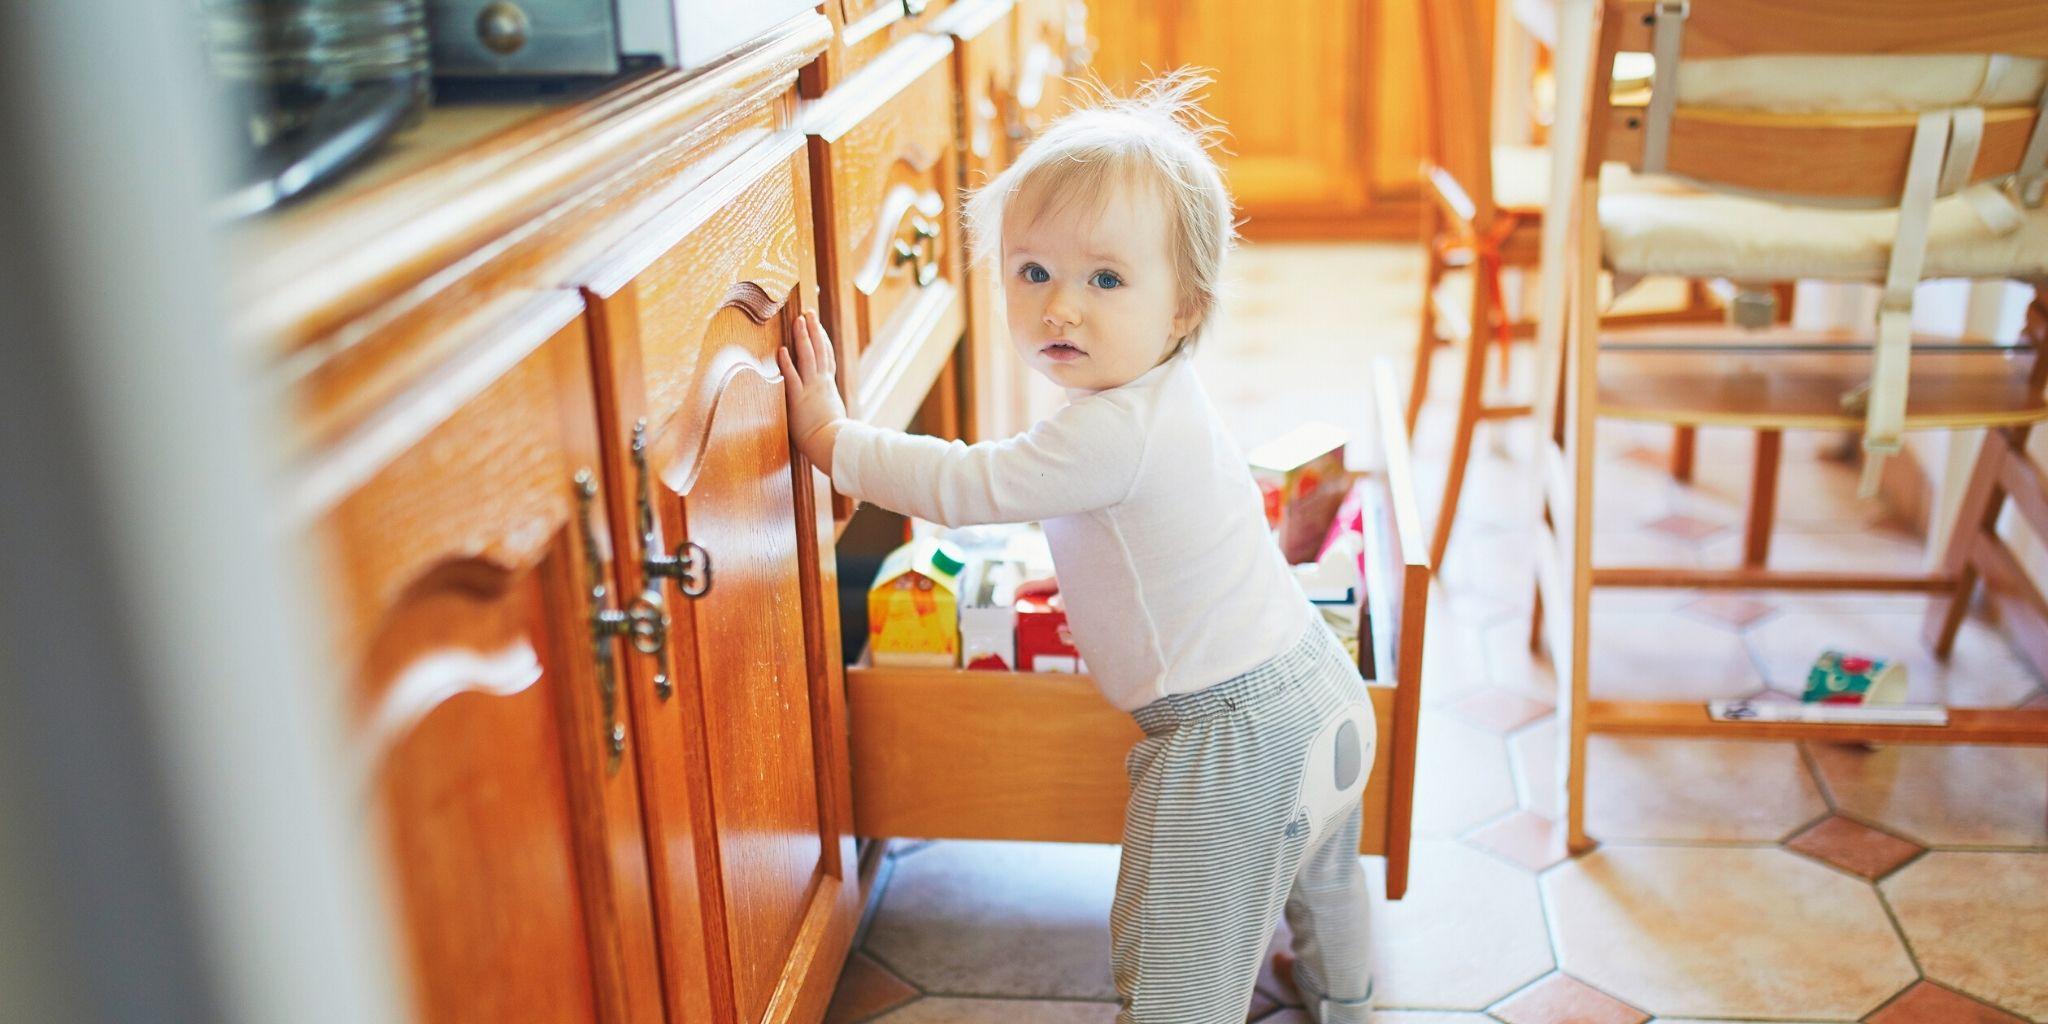 Checklist de segurança para crianças: como manter seu filho seguro